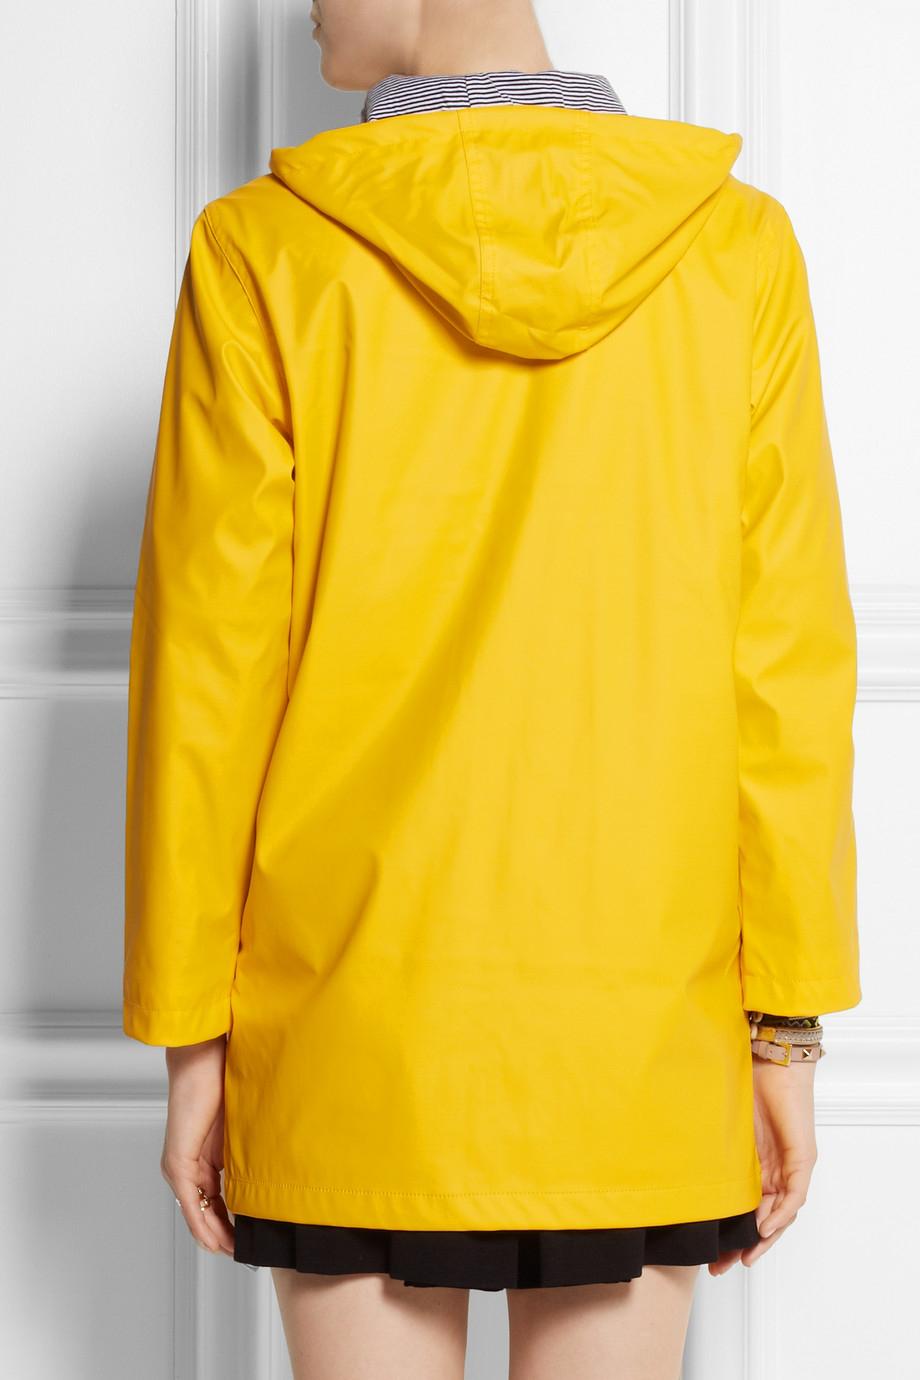 Rain Jacket For Women